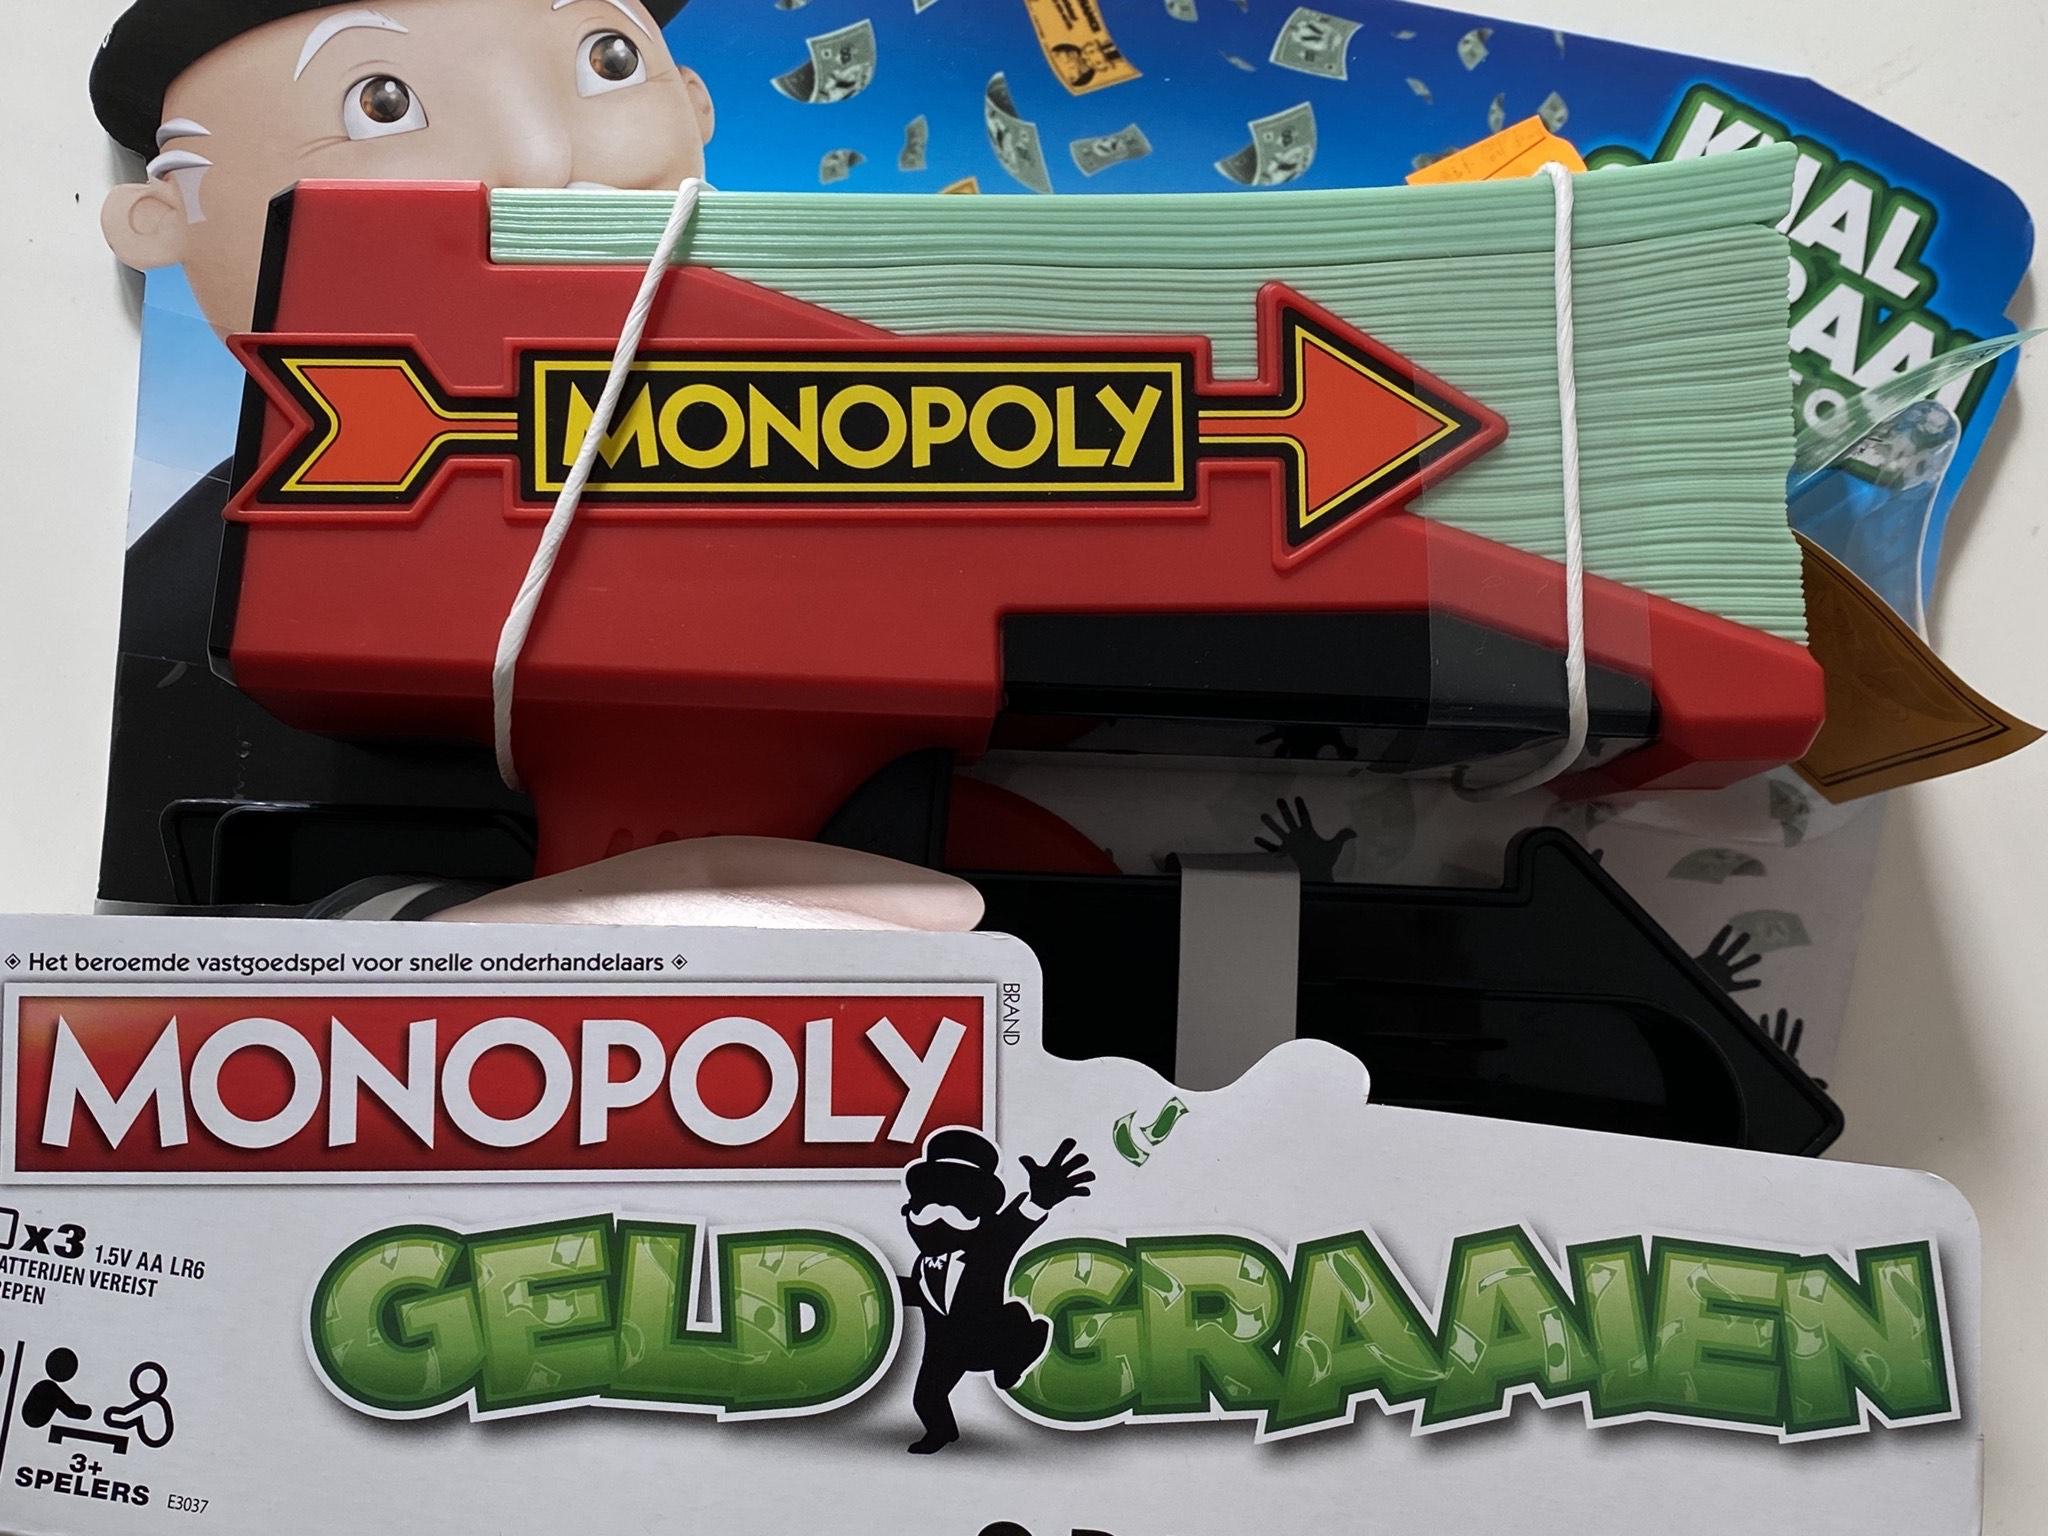 [Lokaal] Monopoly geld graaien